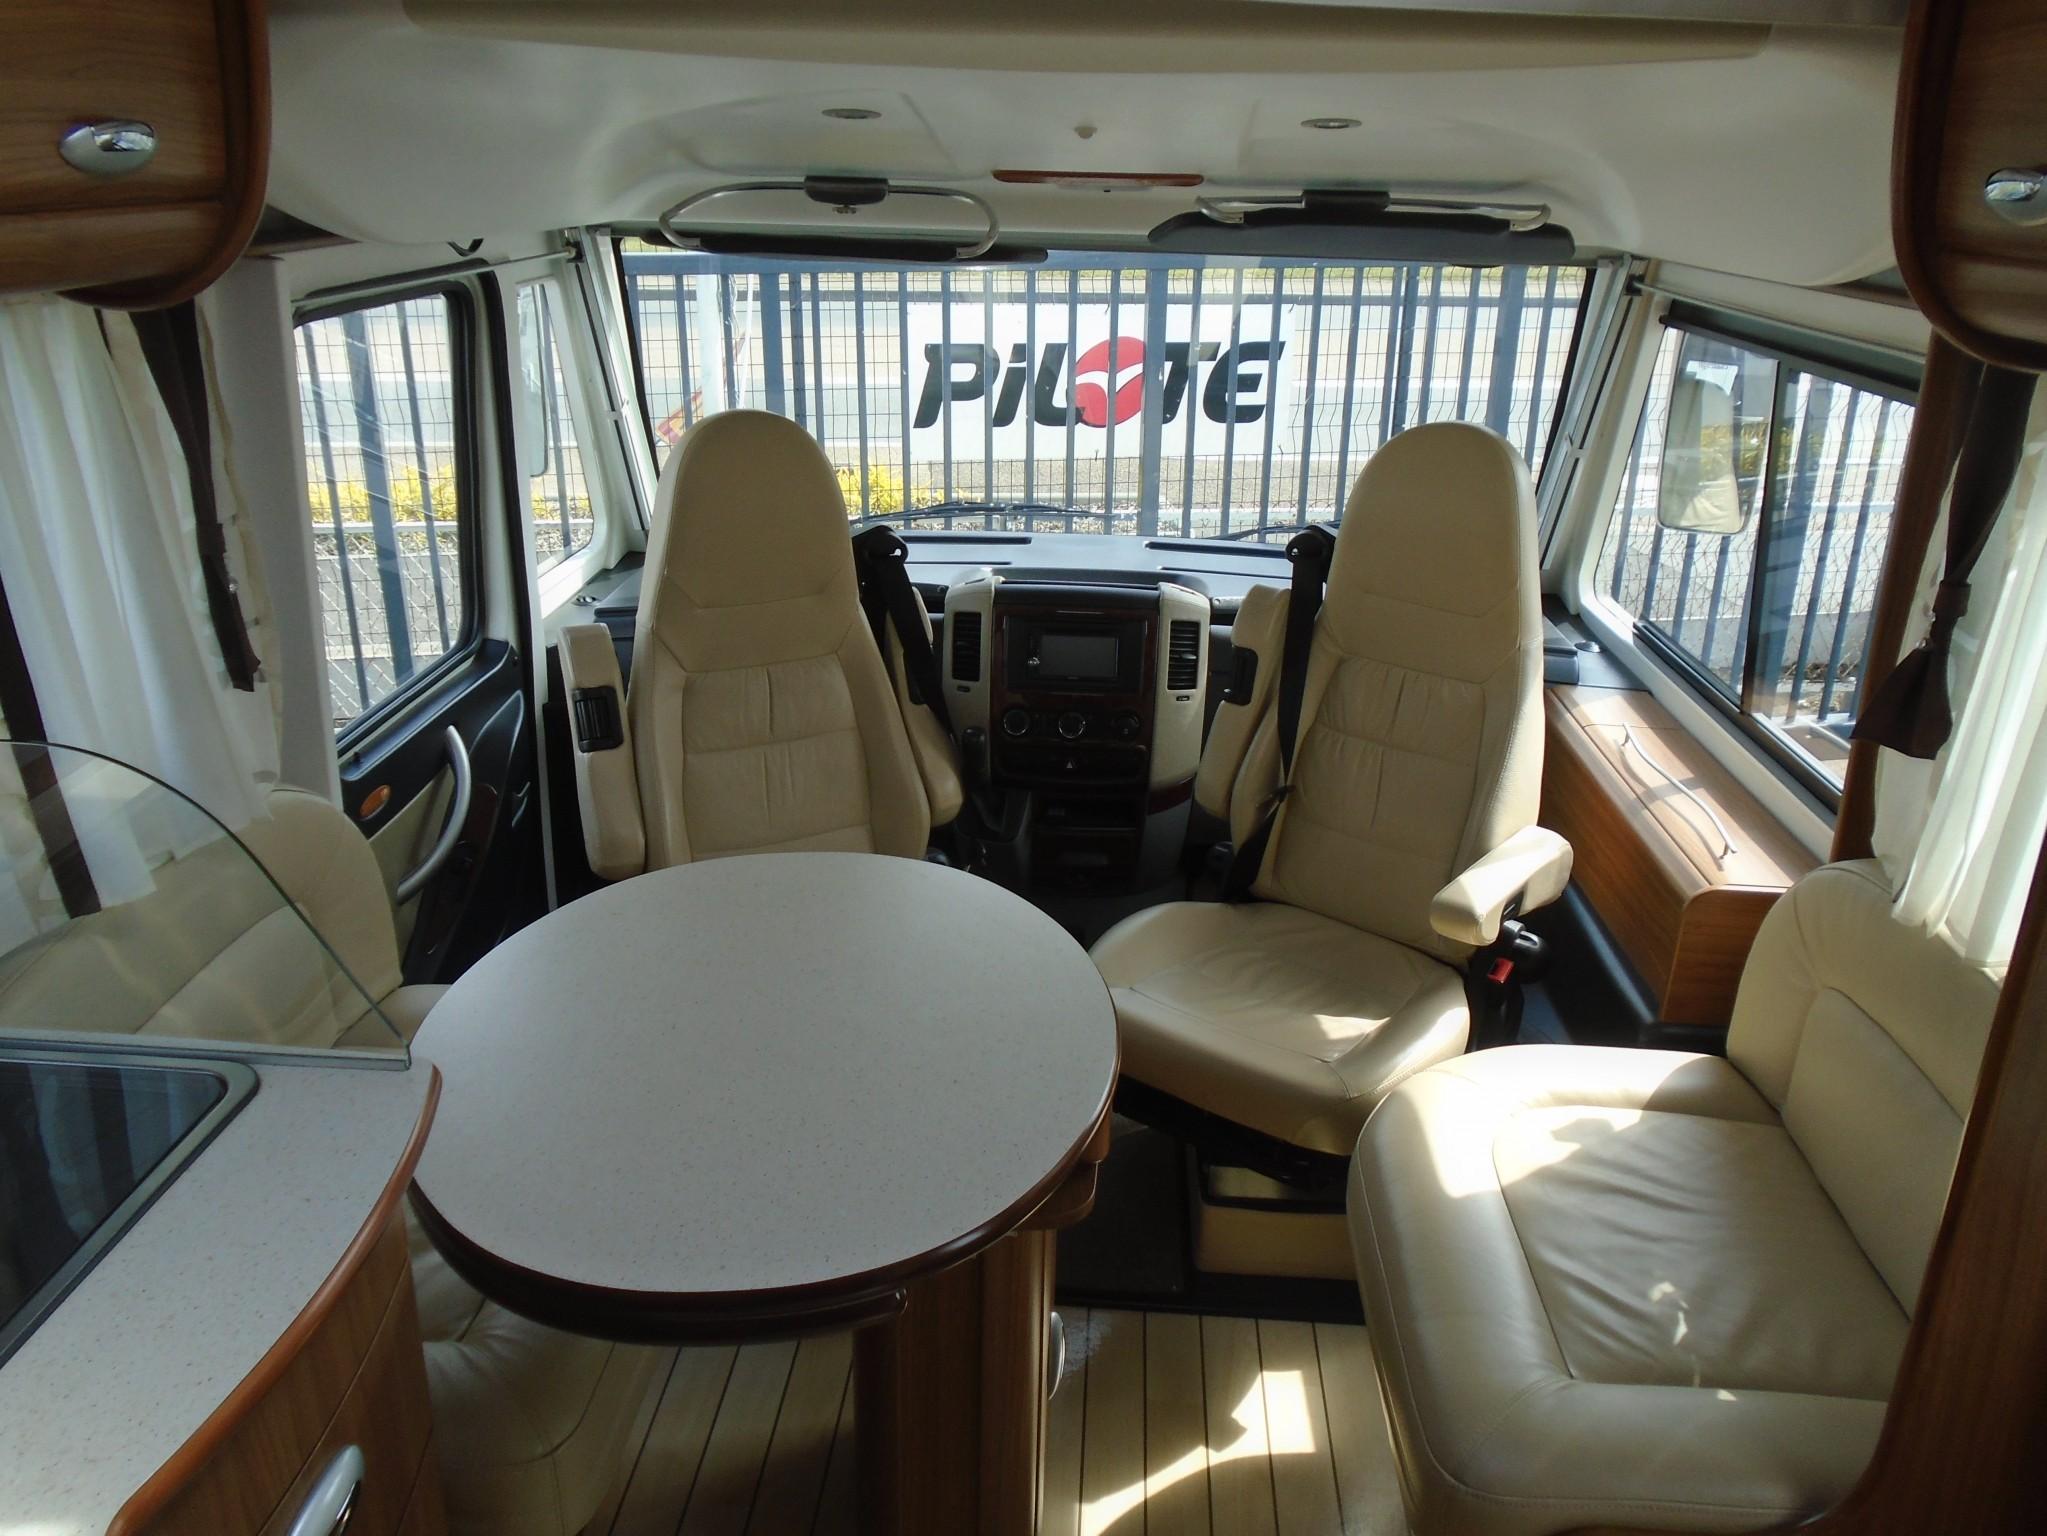 le voyageur lvx 850 lit central occasion  porteur mercedes 3l 184 cv 318 cdi